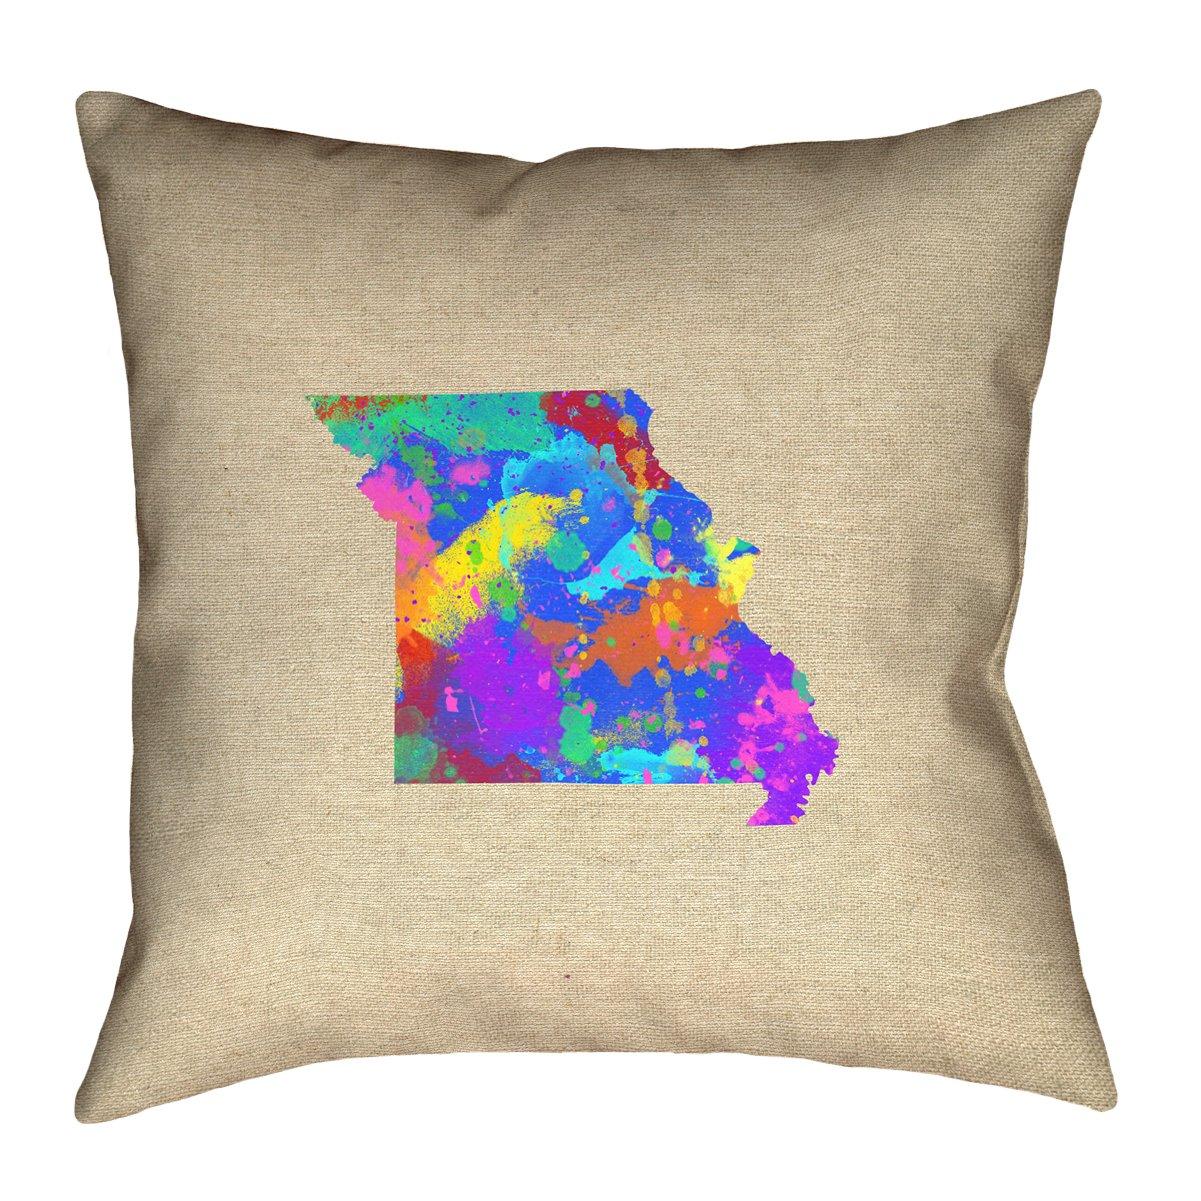 ArtVerse Katelyn Smith 16 x 16 Indoor//Outdoor UV Properties-Waterproof and Mildew Proof Missouri Watercolor Pillow